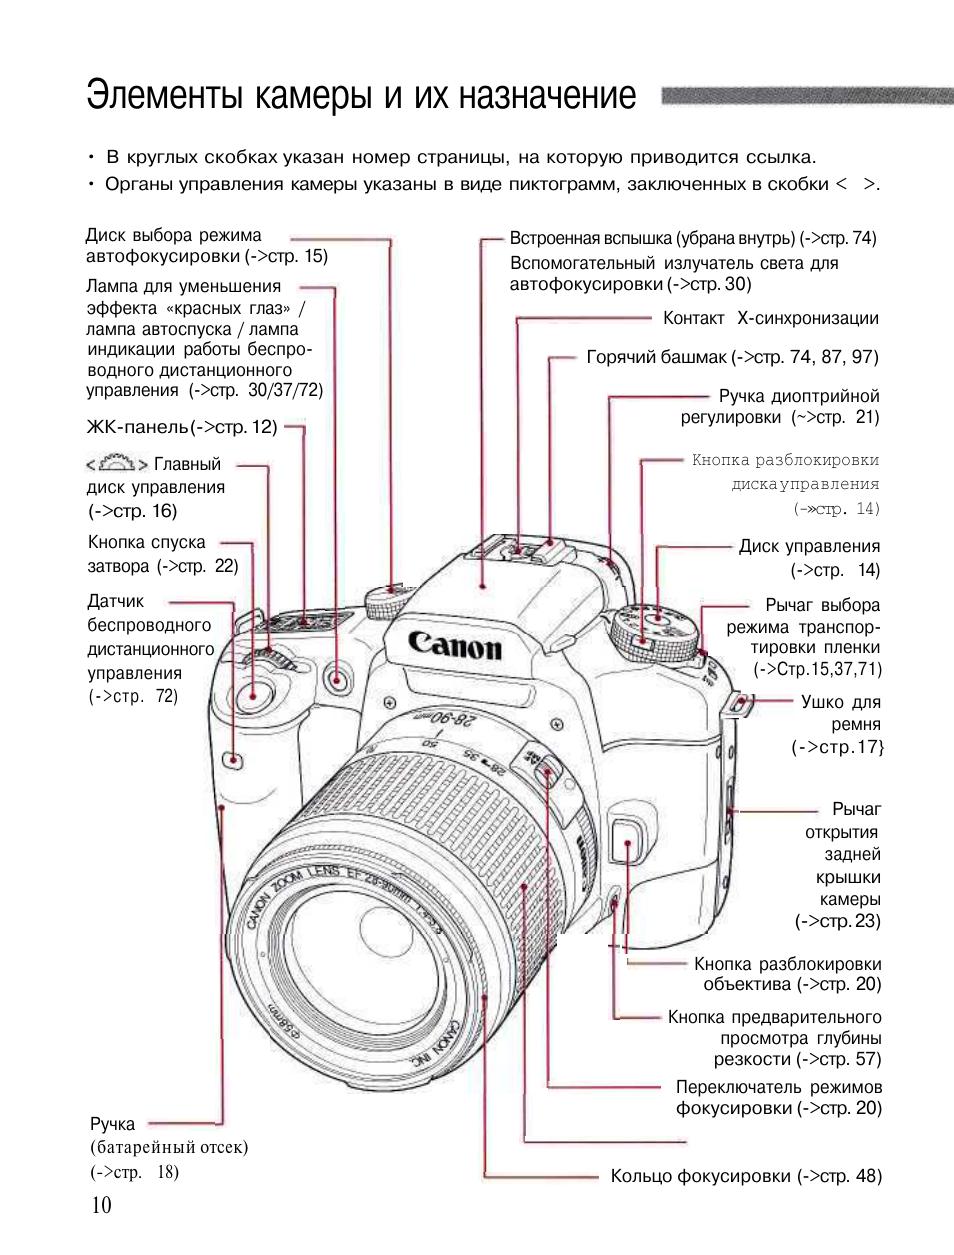 Схема как настроить фотоаппарат